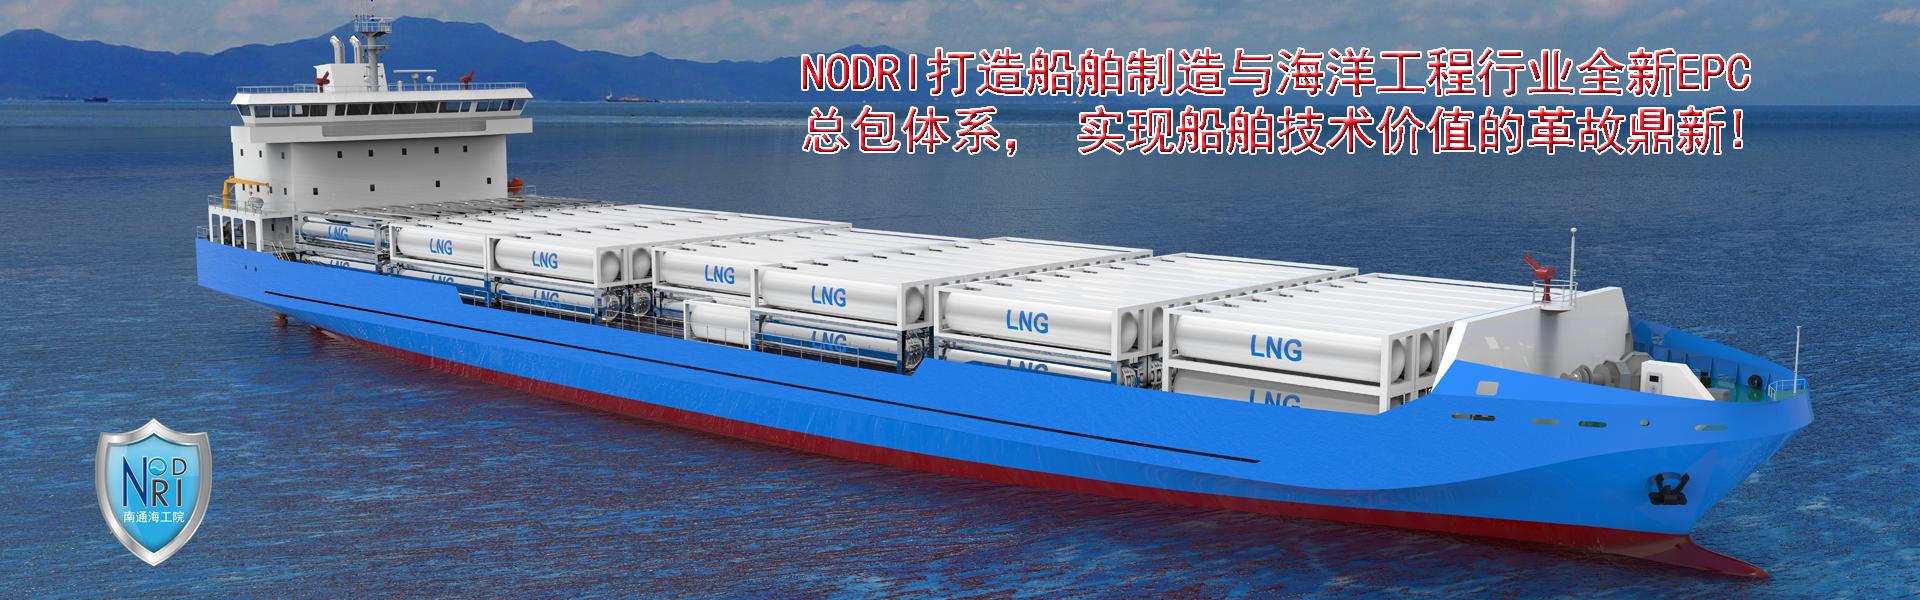 NODRI打造船舶制造与热博体育官网行业全新EPC总包体系